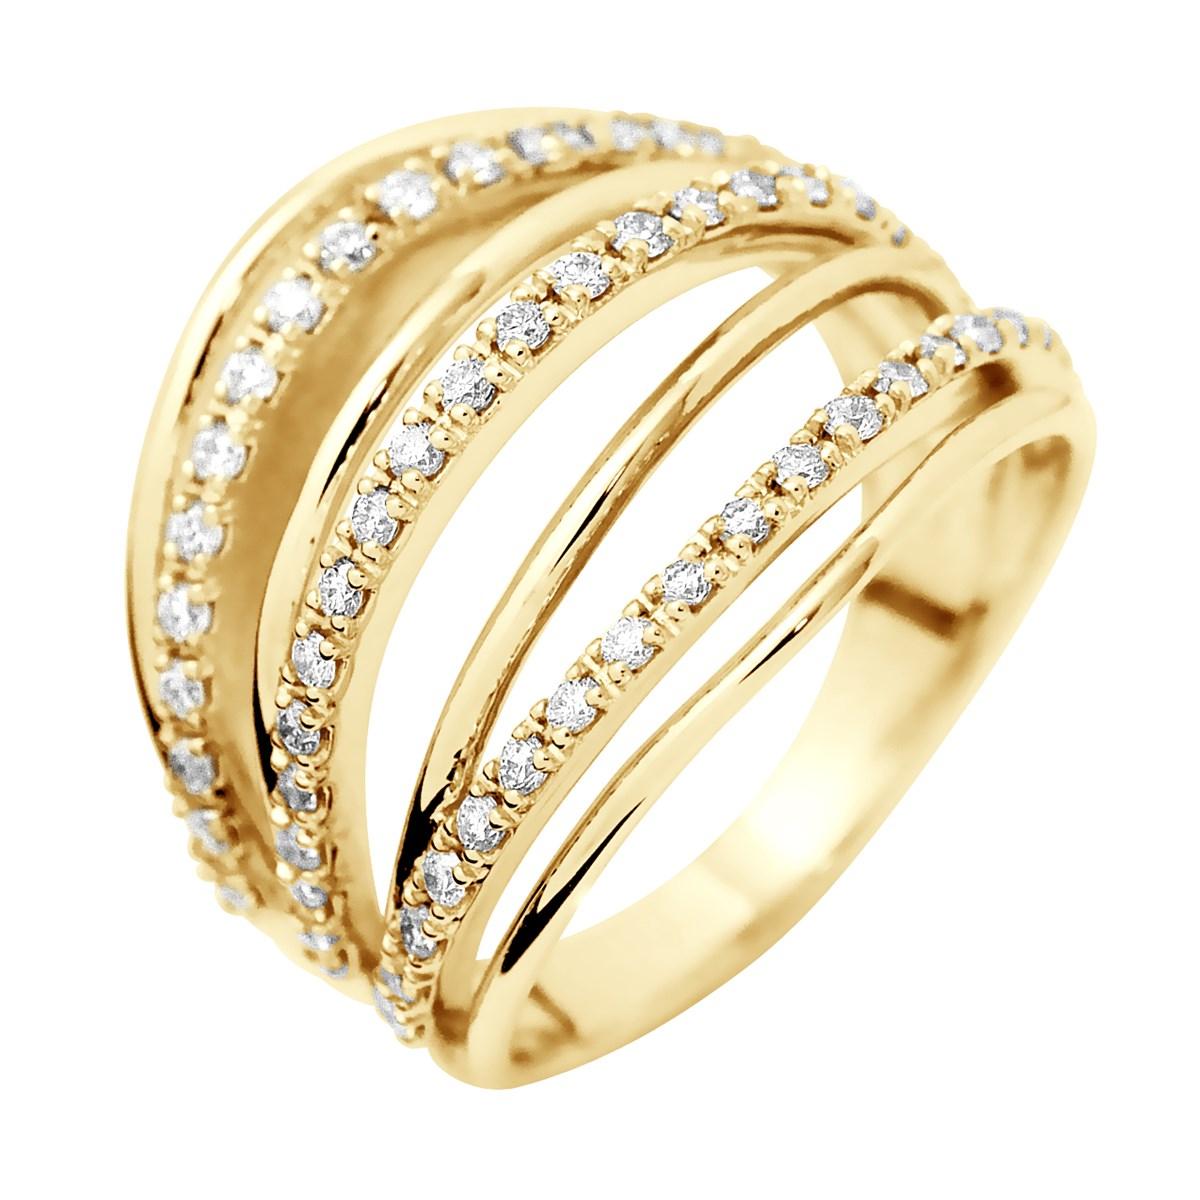 vente chaude en ligne 5bccd 3e5f8 Bague Pavage Joaillerie Prestige - Diamants - Or Jaune